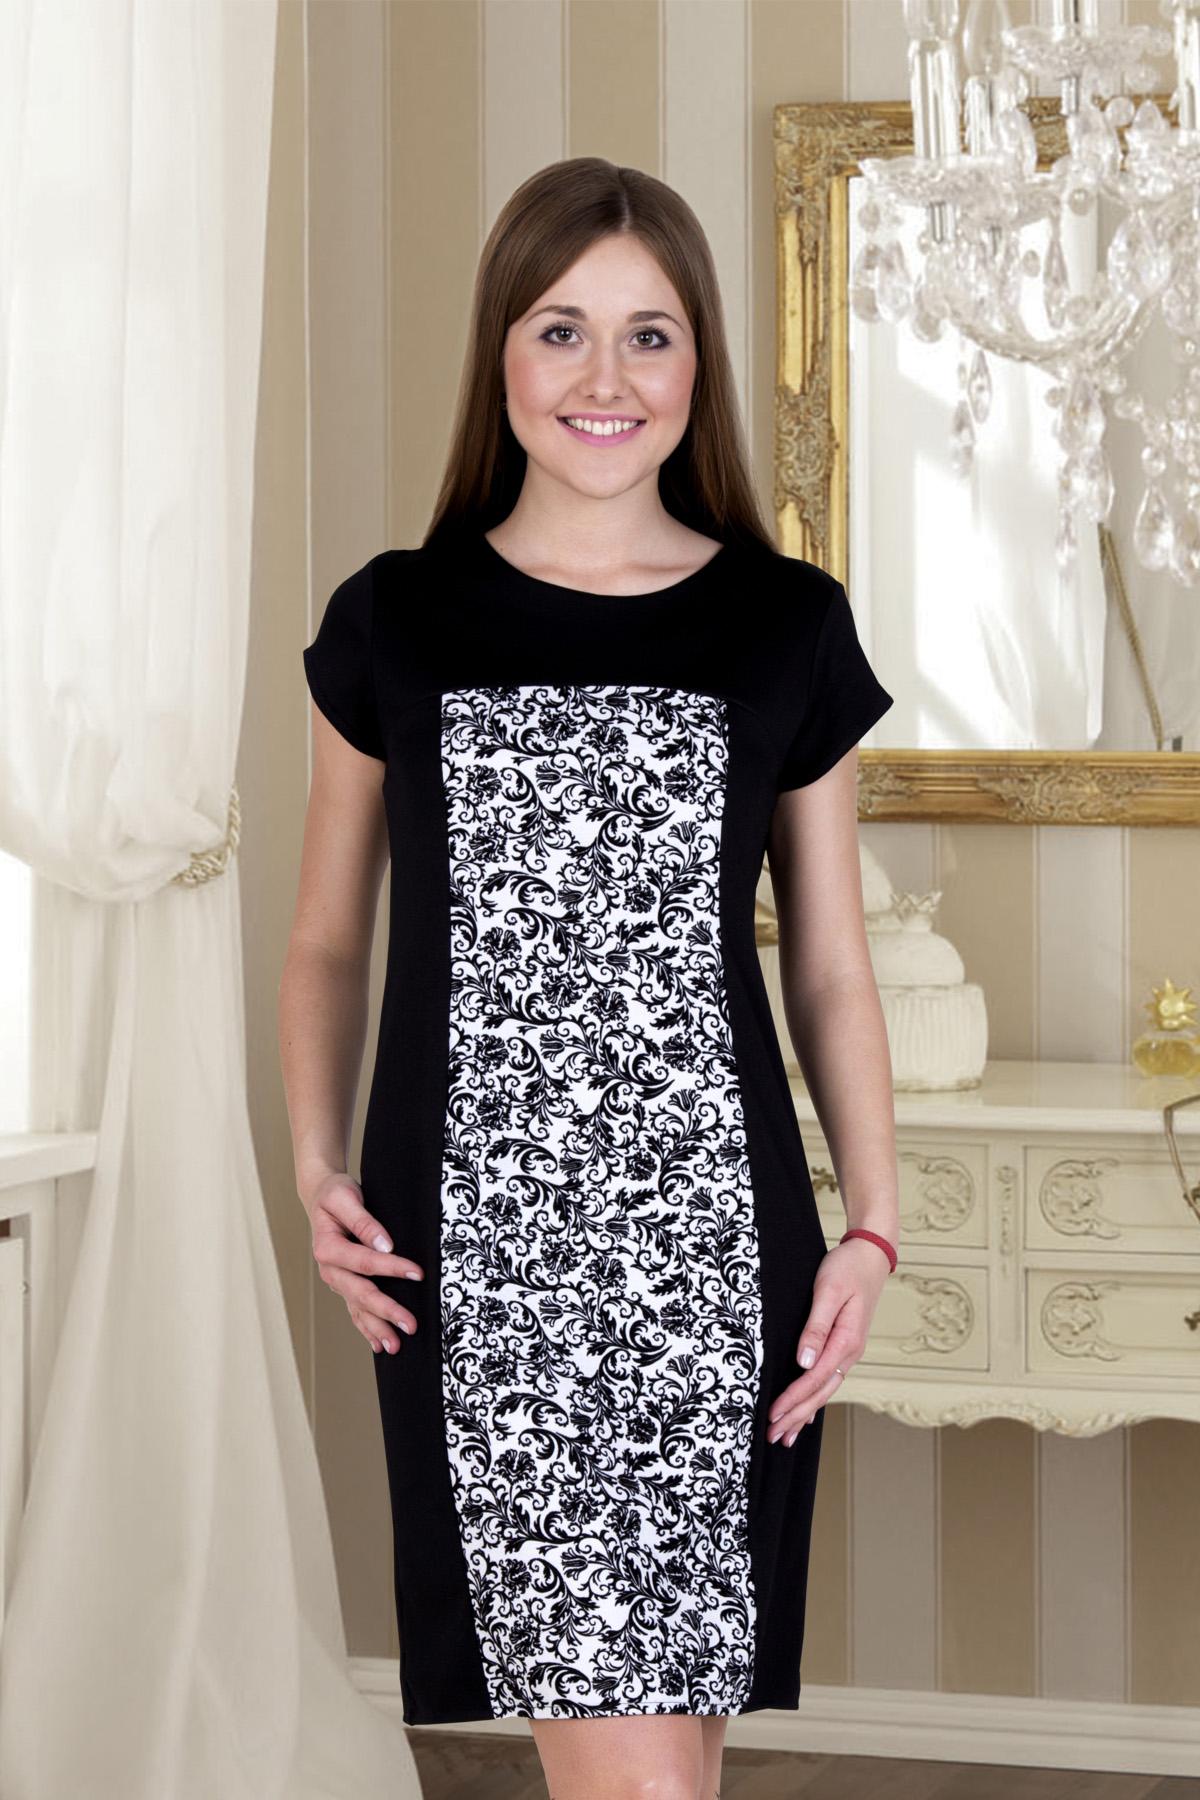 Жен. платье Нелли р. 44Платья<br>Обхват груди:88 см<br>Обхват талии:68 см<br>Обхват бедер:96 см<br>Длина по спинке:87 см<br>Рост:167 см<br><br>Тип: Жен. платье<br>Размер: 44<br>Материал: Милано